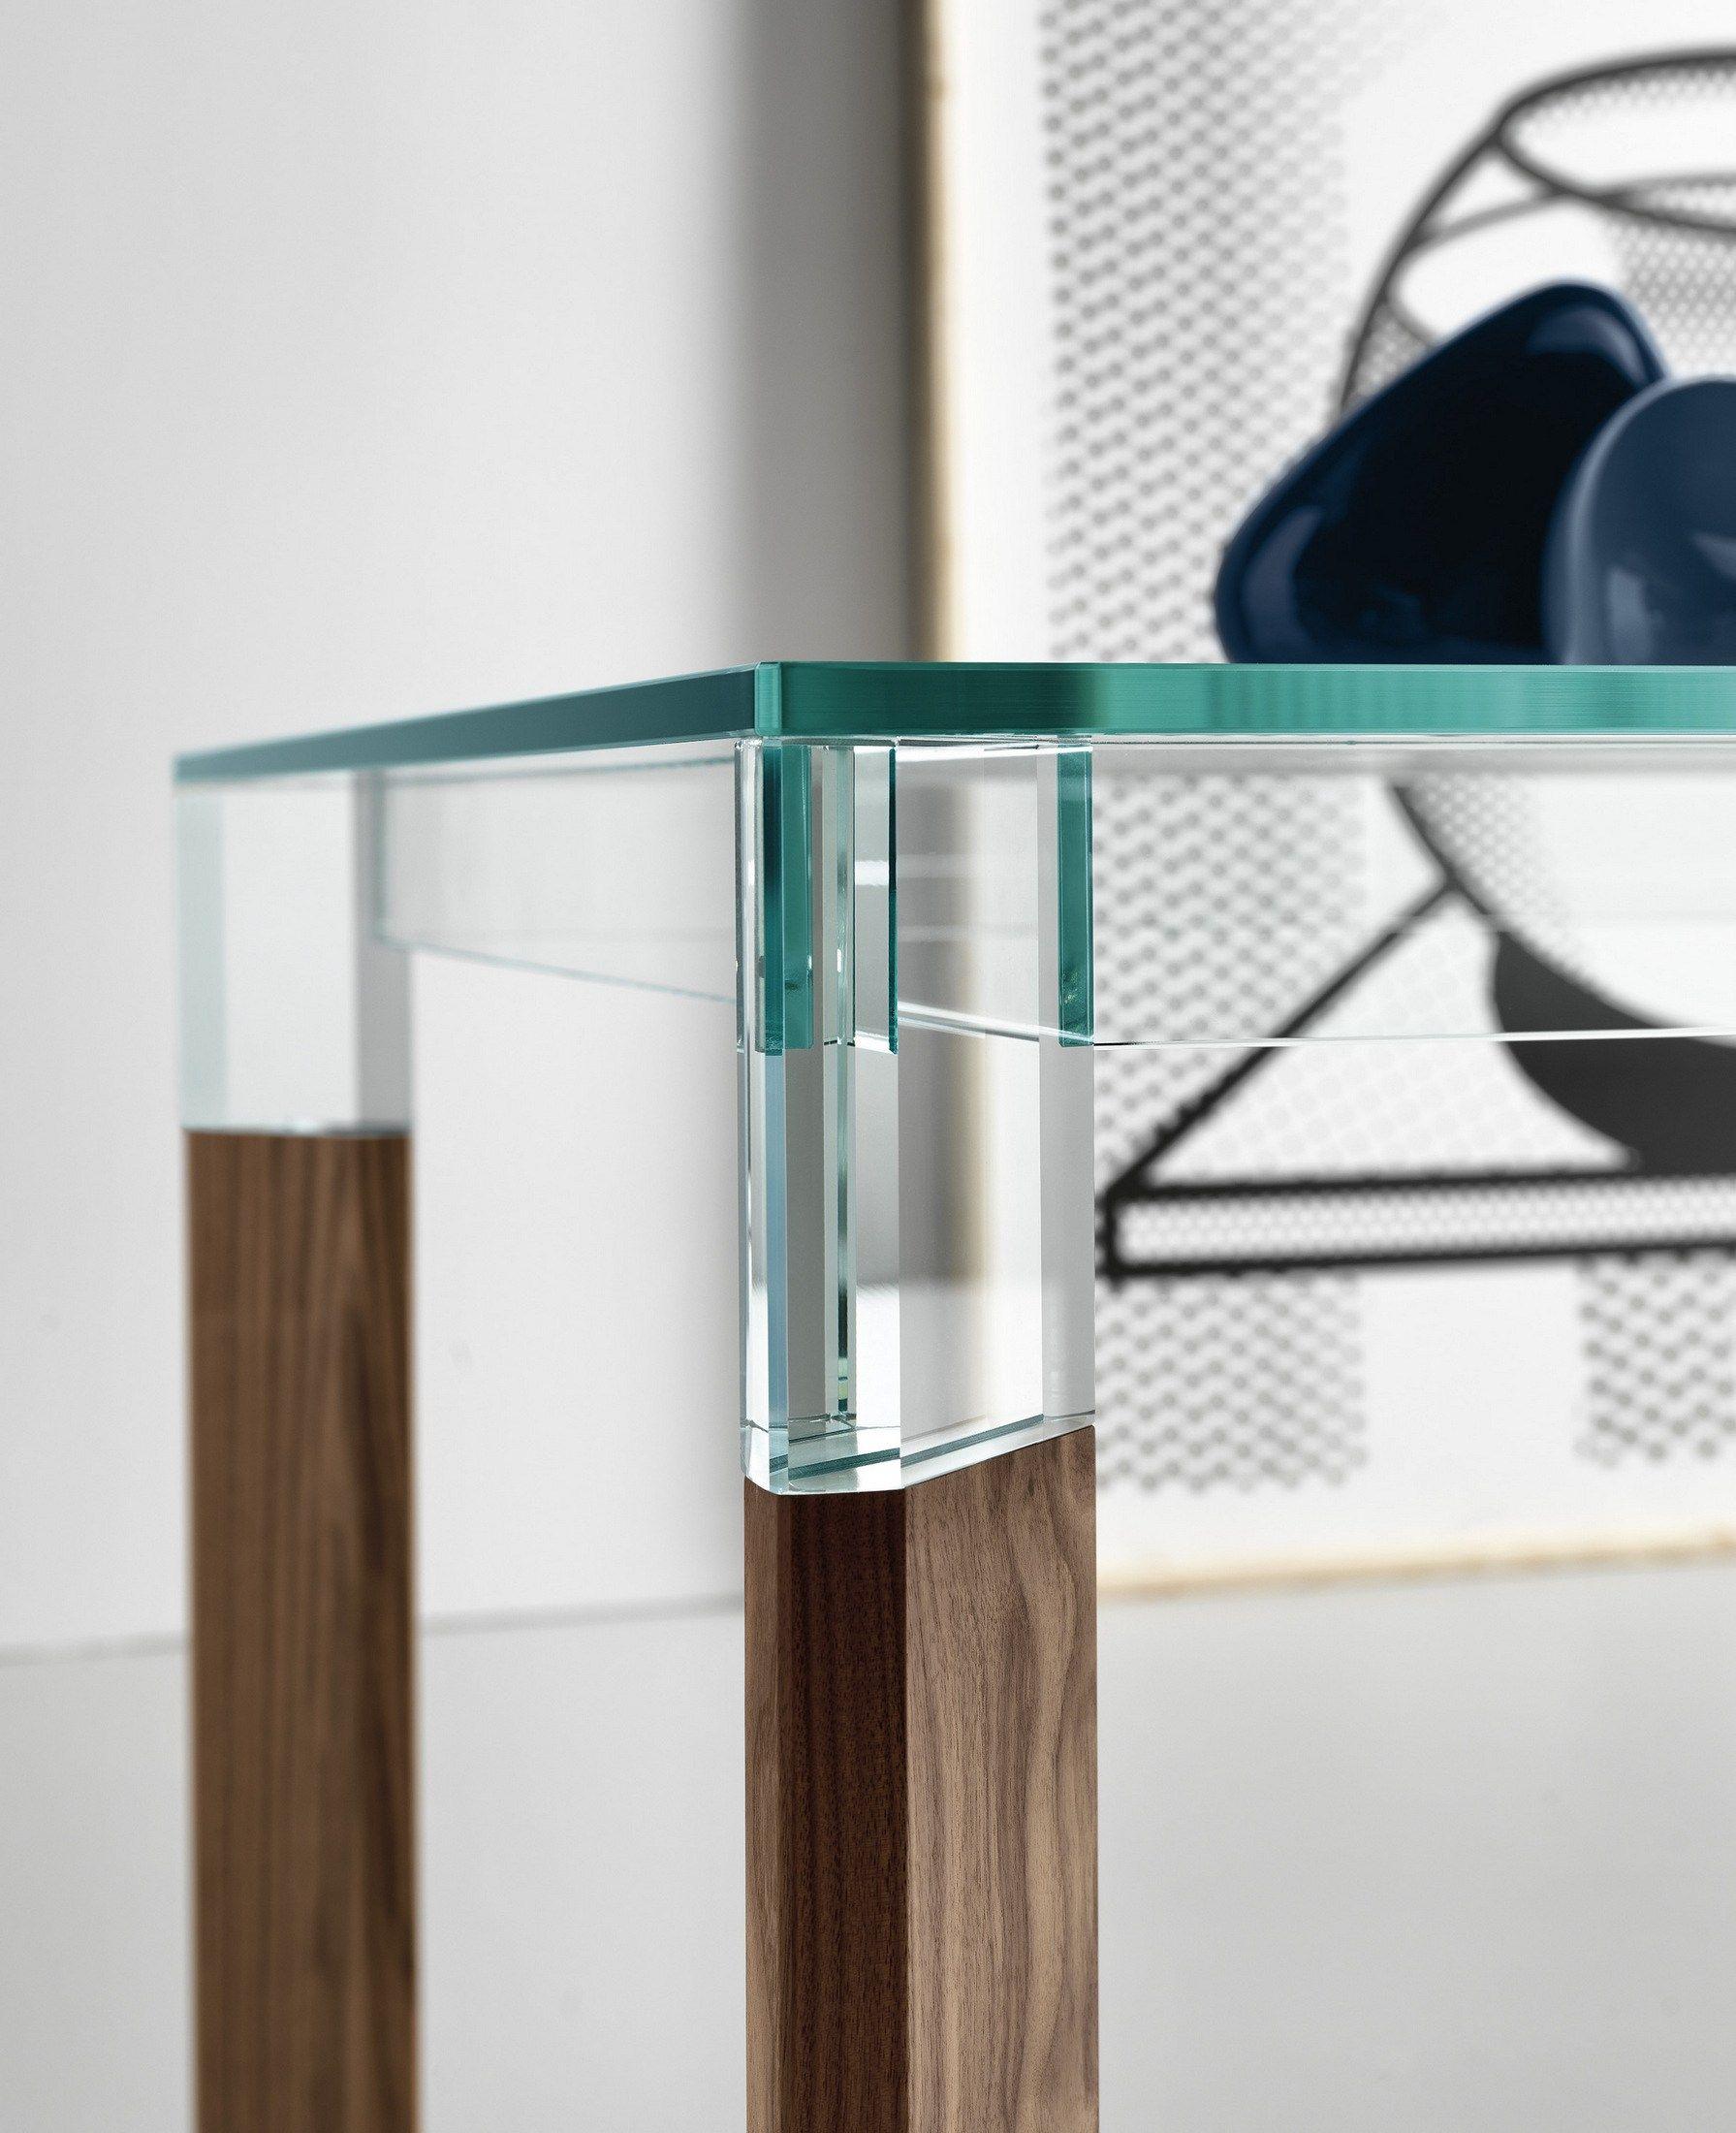 Tavolo da pranzo rettangolare in legno e vetro perseo by t for Tavolo vetro legno